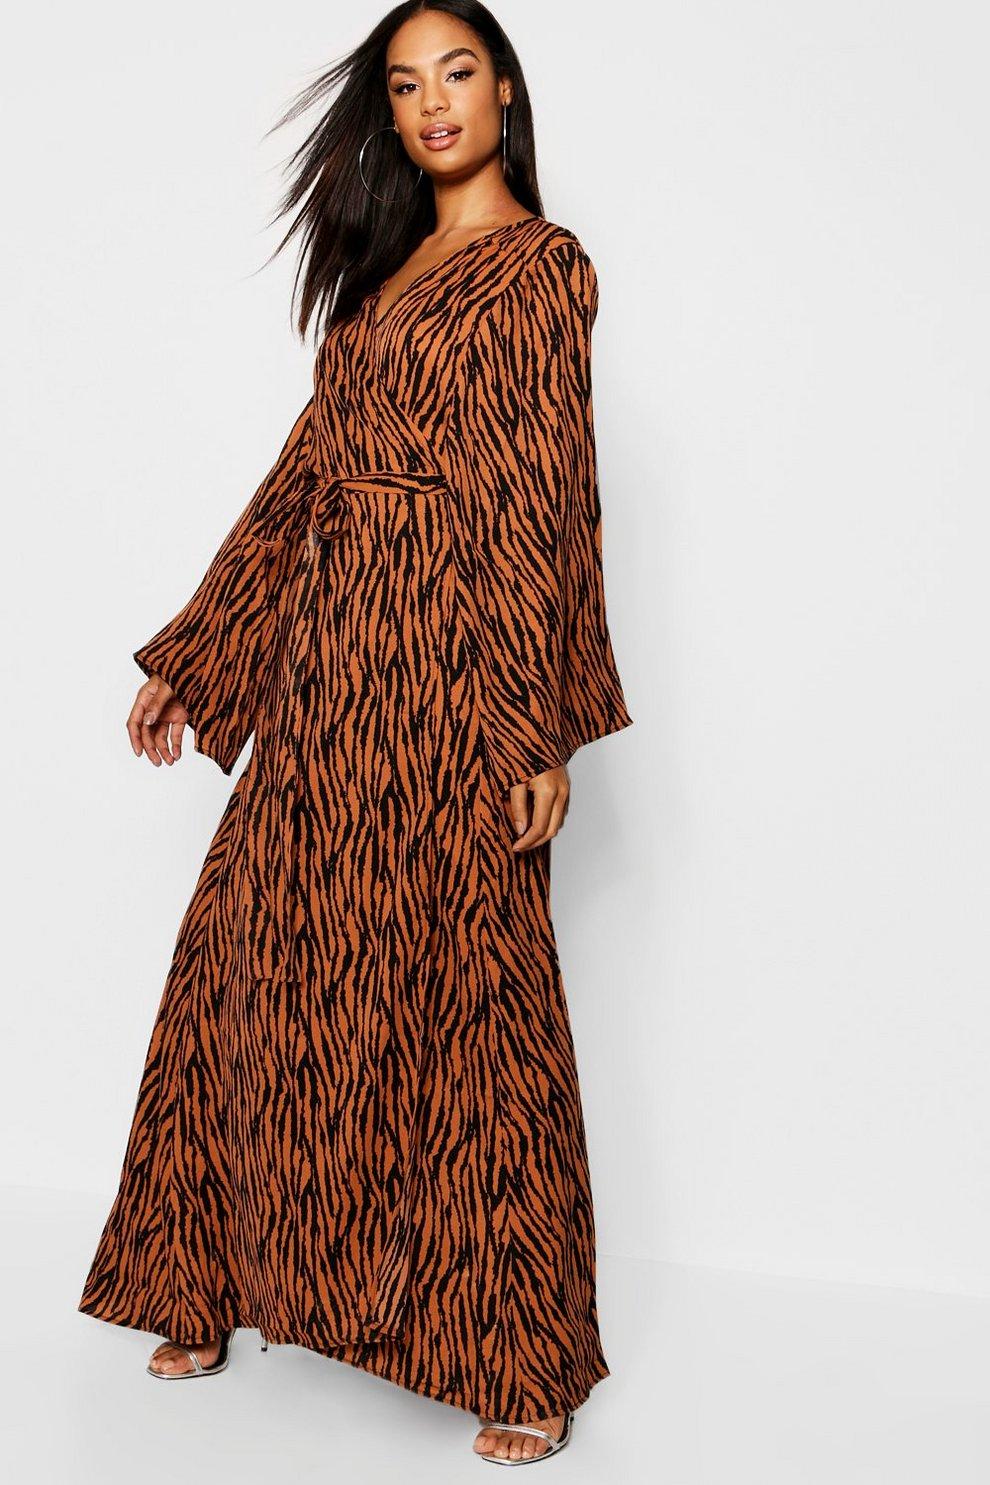 792fbd3f1acf53 Tall Tiger Print Wrap Dress | Boohoo